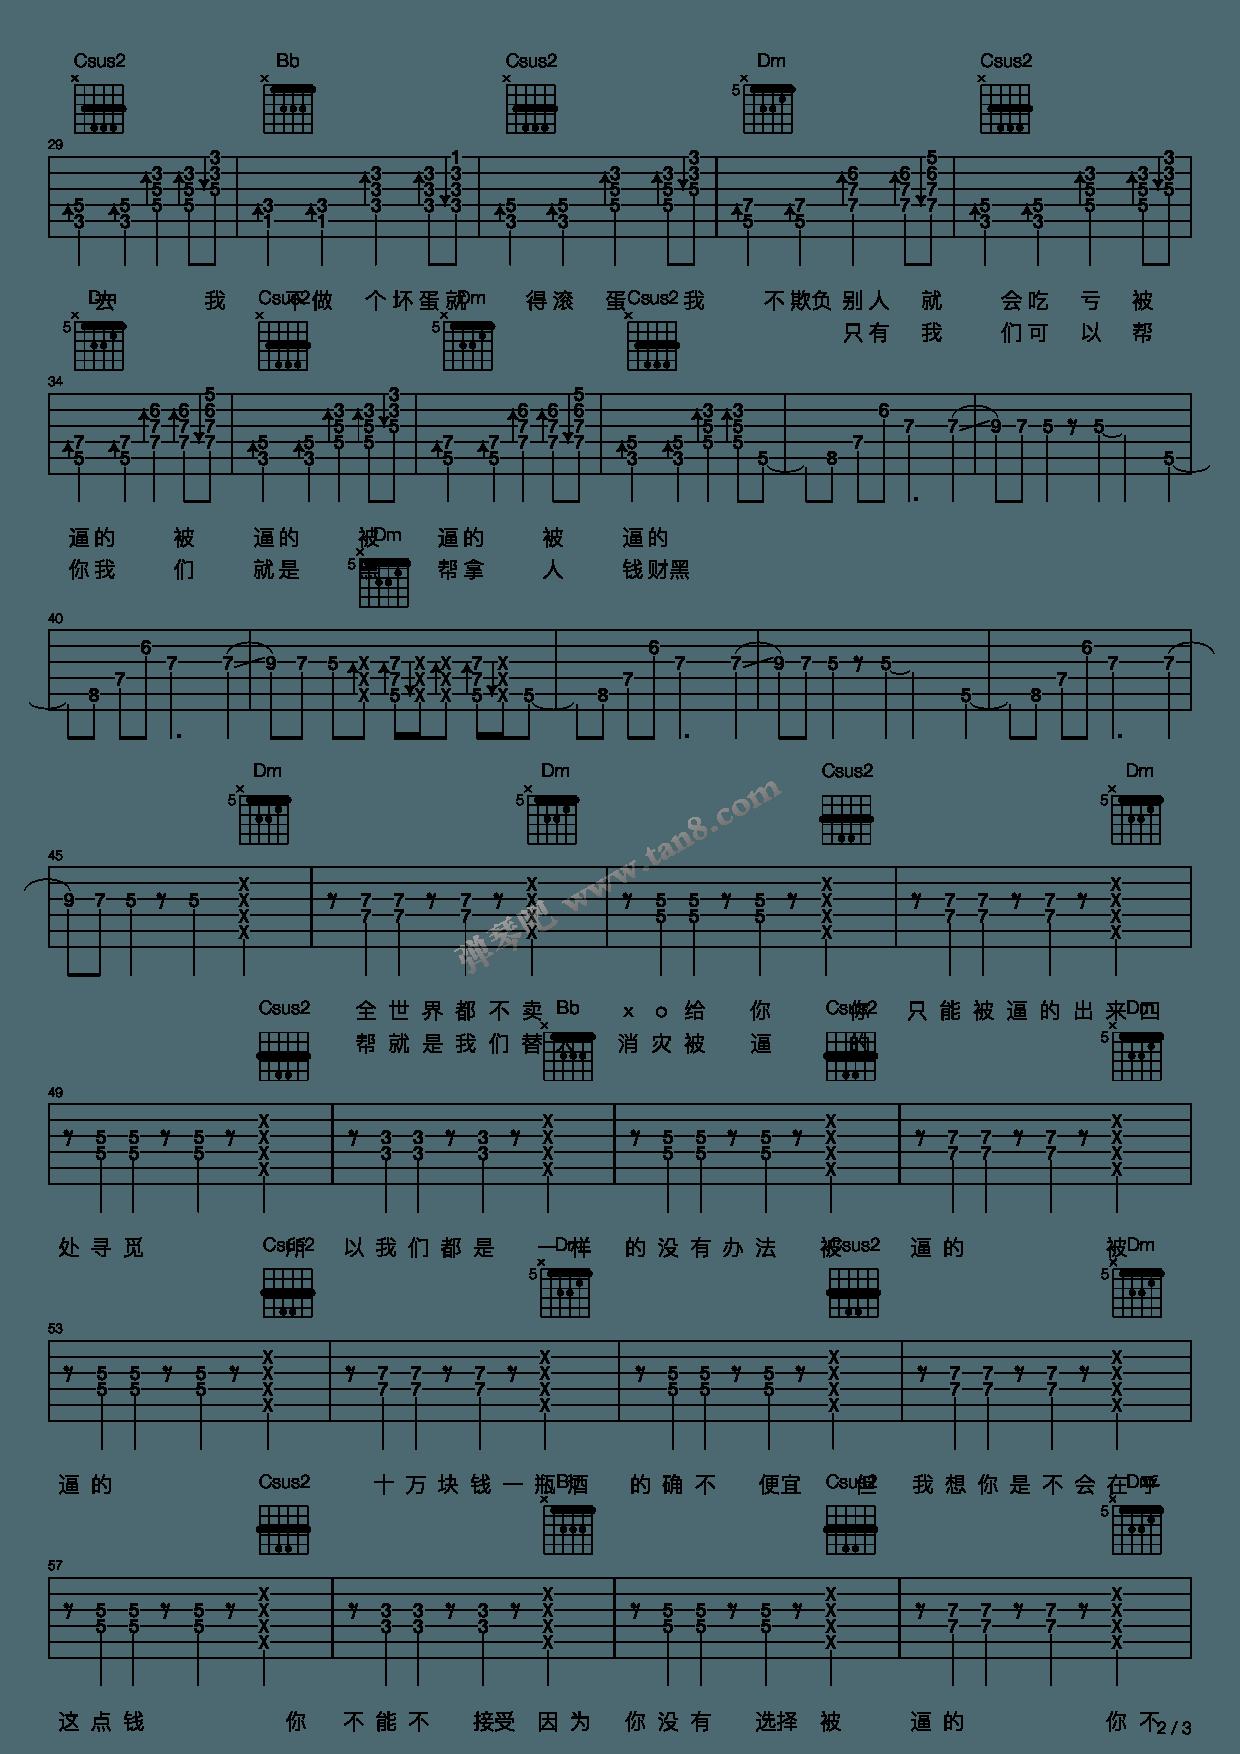 郝浩涵吉他谱_《Beat it》,郝浩涵(六线谱 调六线吉他谱-虫虫吉他谱免费下载